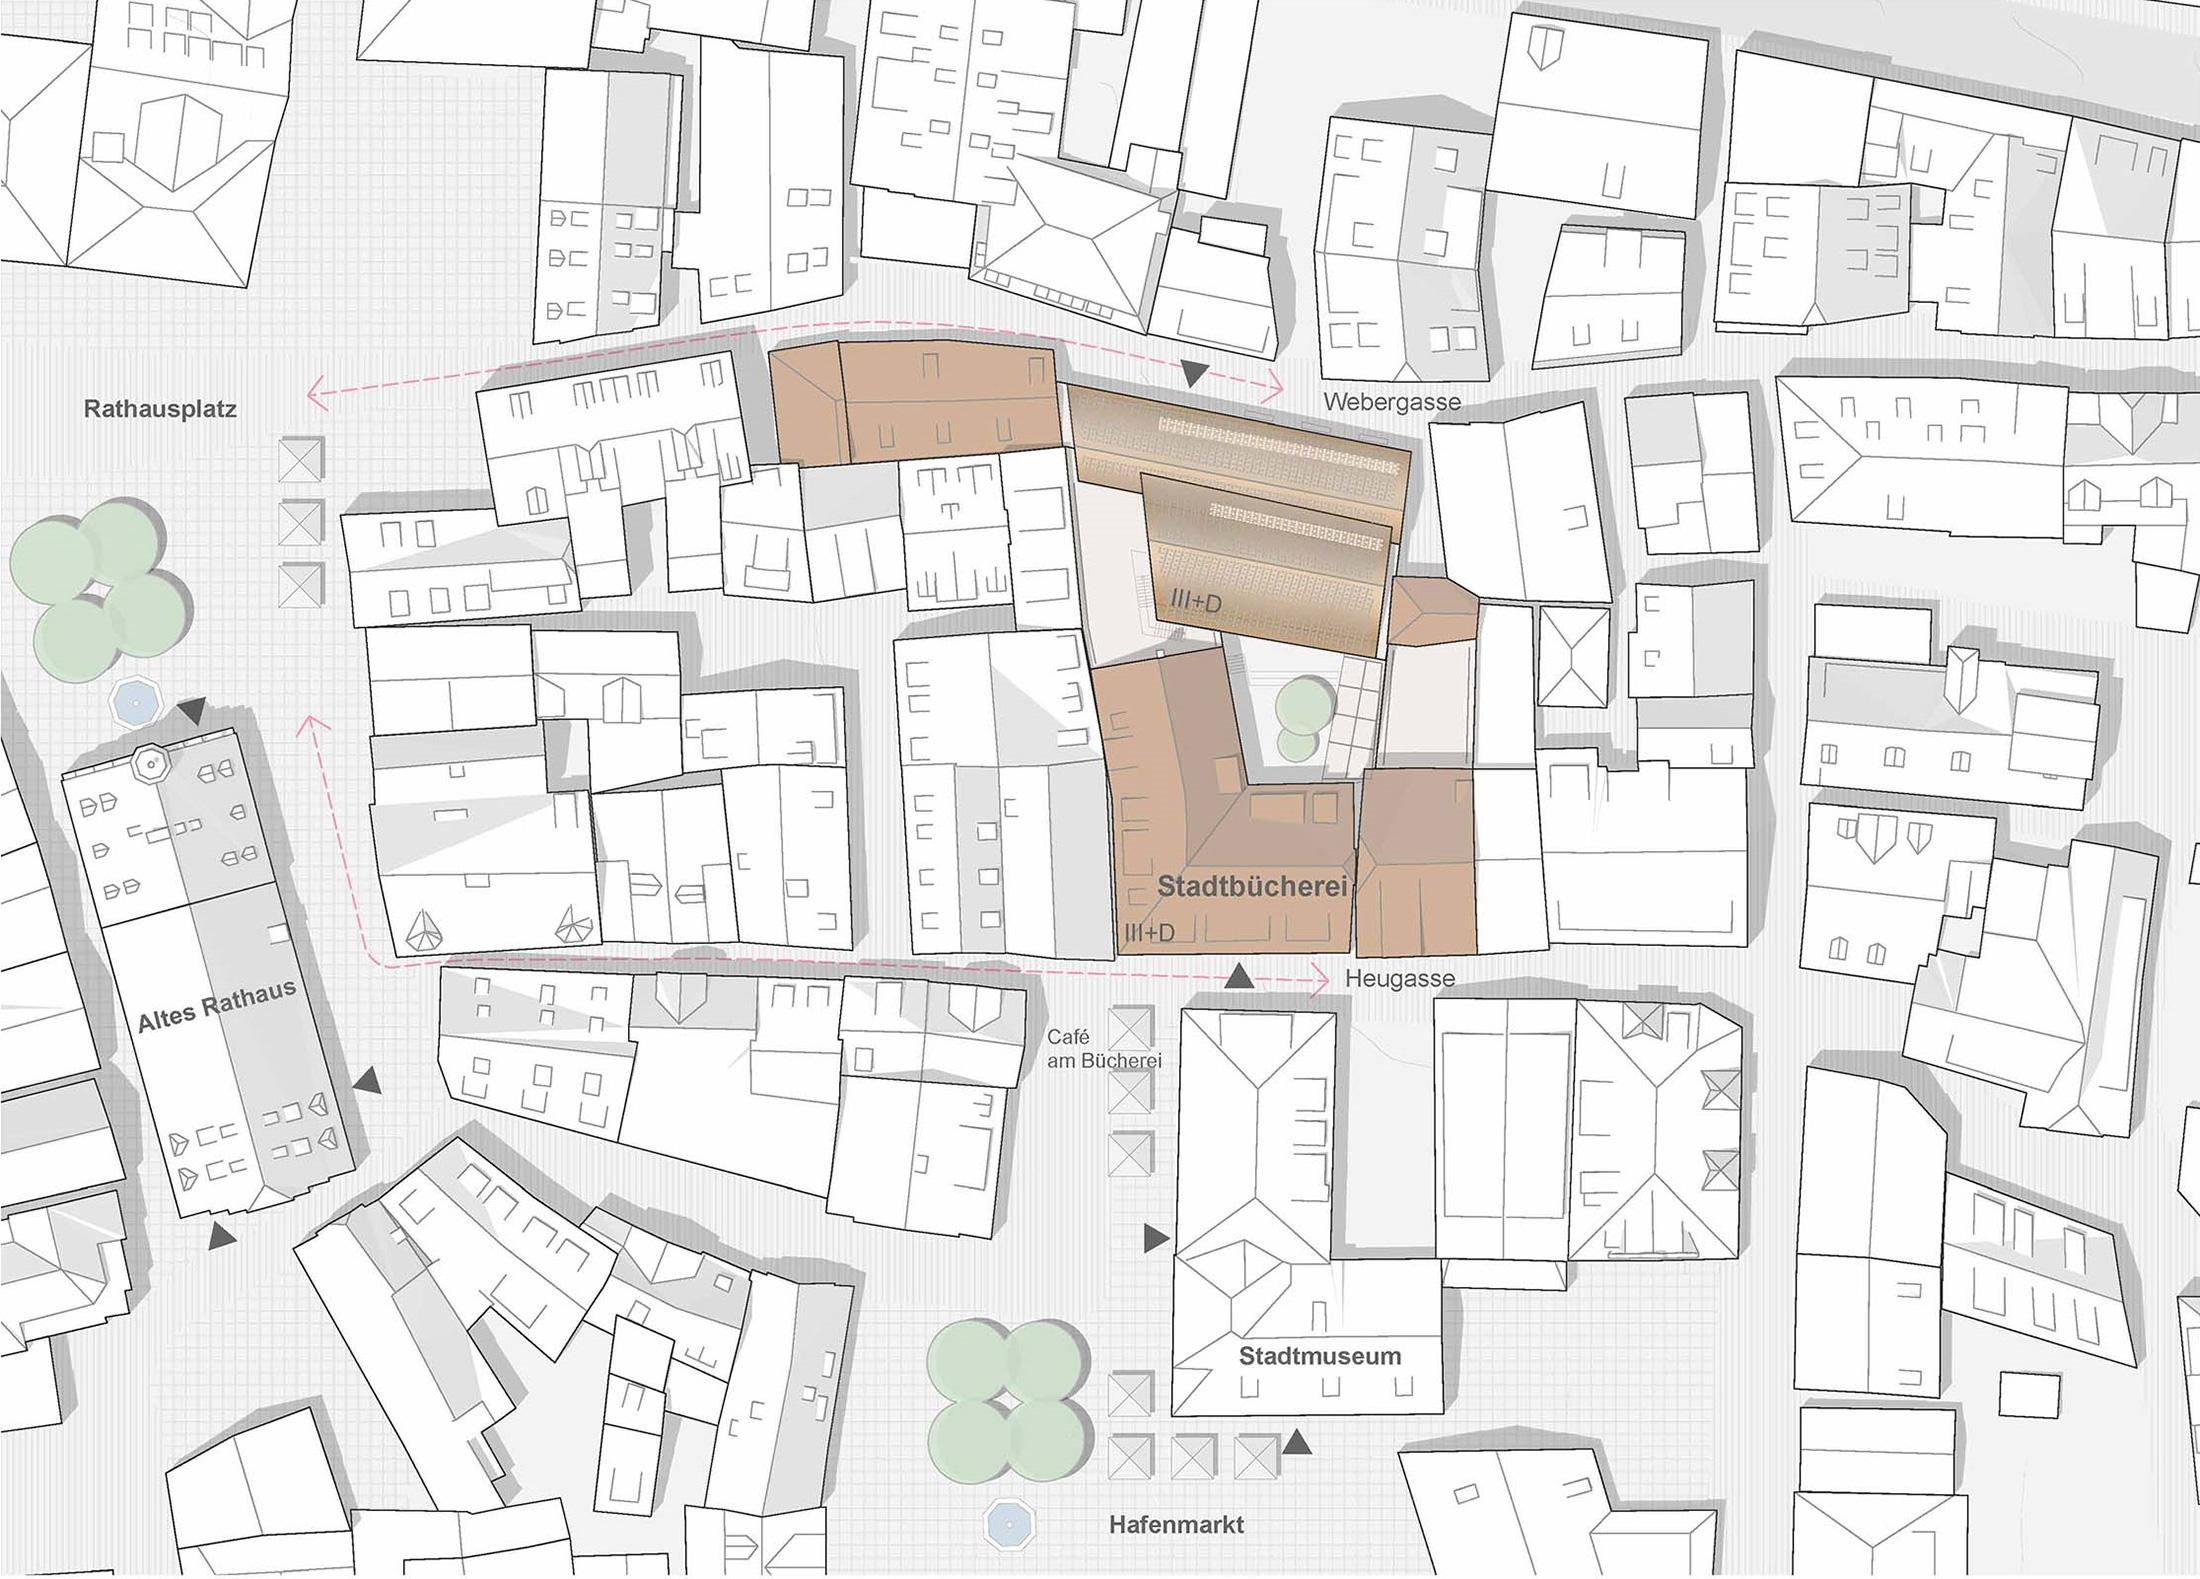 2020, Wettbewerbsbetreuung Stadtbücherei Esslingen